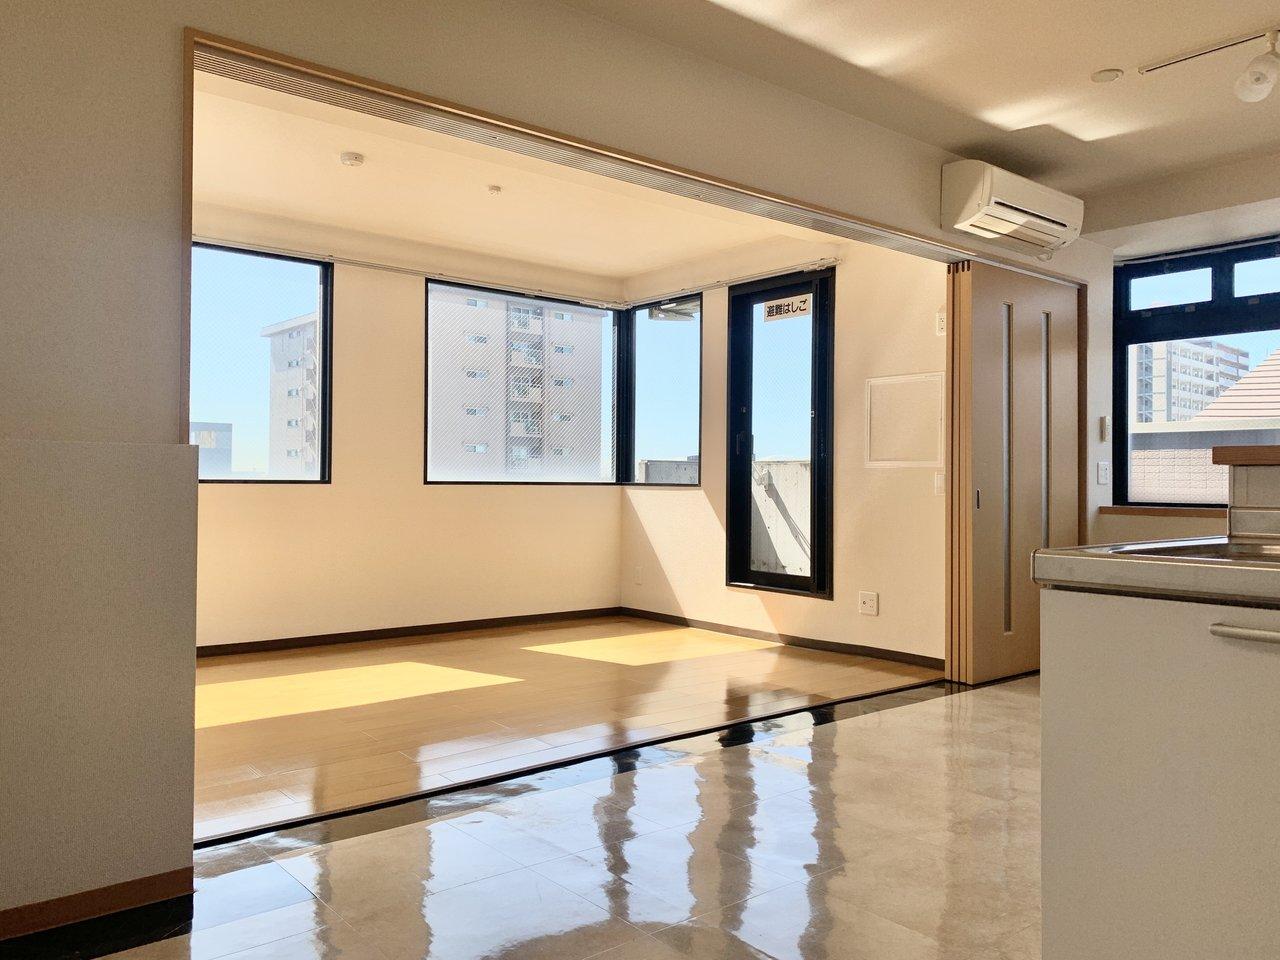 こちらのお部屋は11畳のリビングダイニングと、6.6畳の洋室が引き戸でつながっているタイプの間取り。そのため、引き戸を開け放せばより開放的な空間を作ることができるんです。